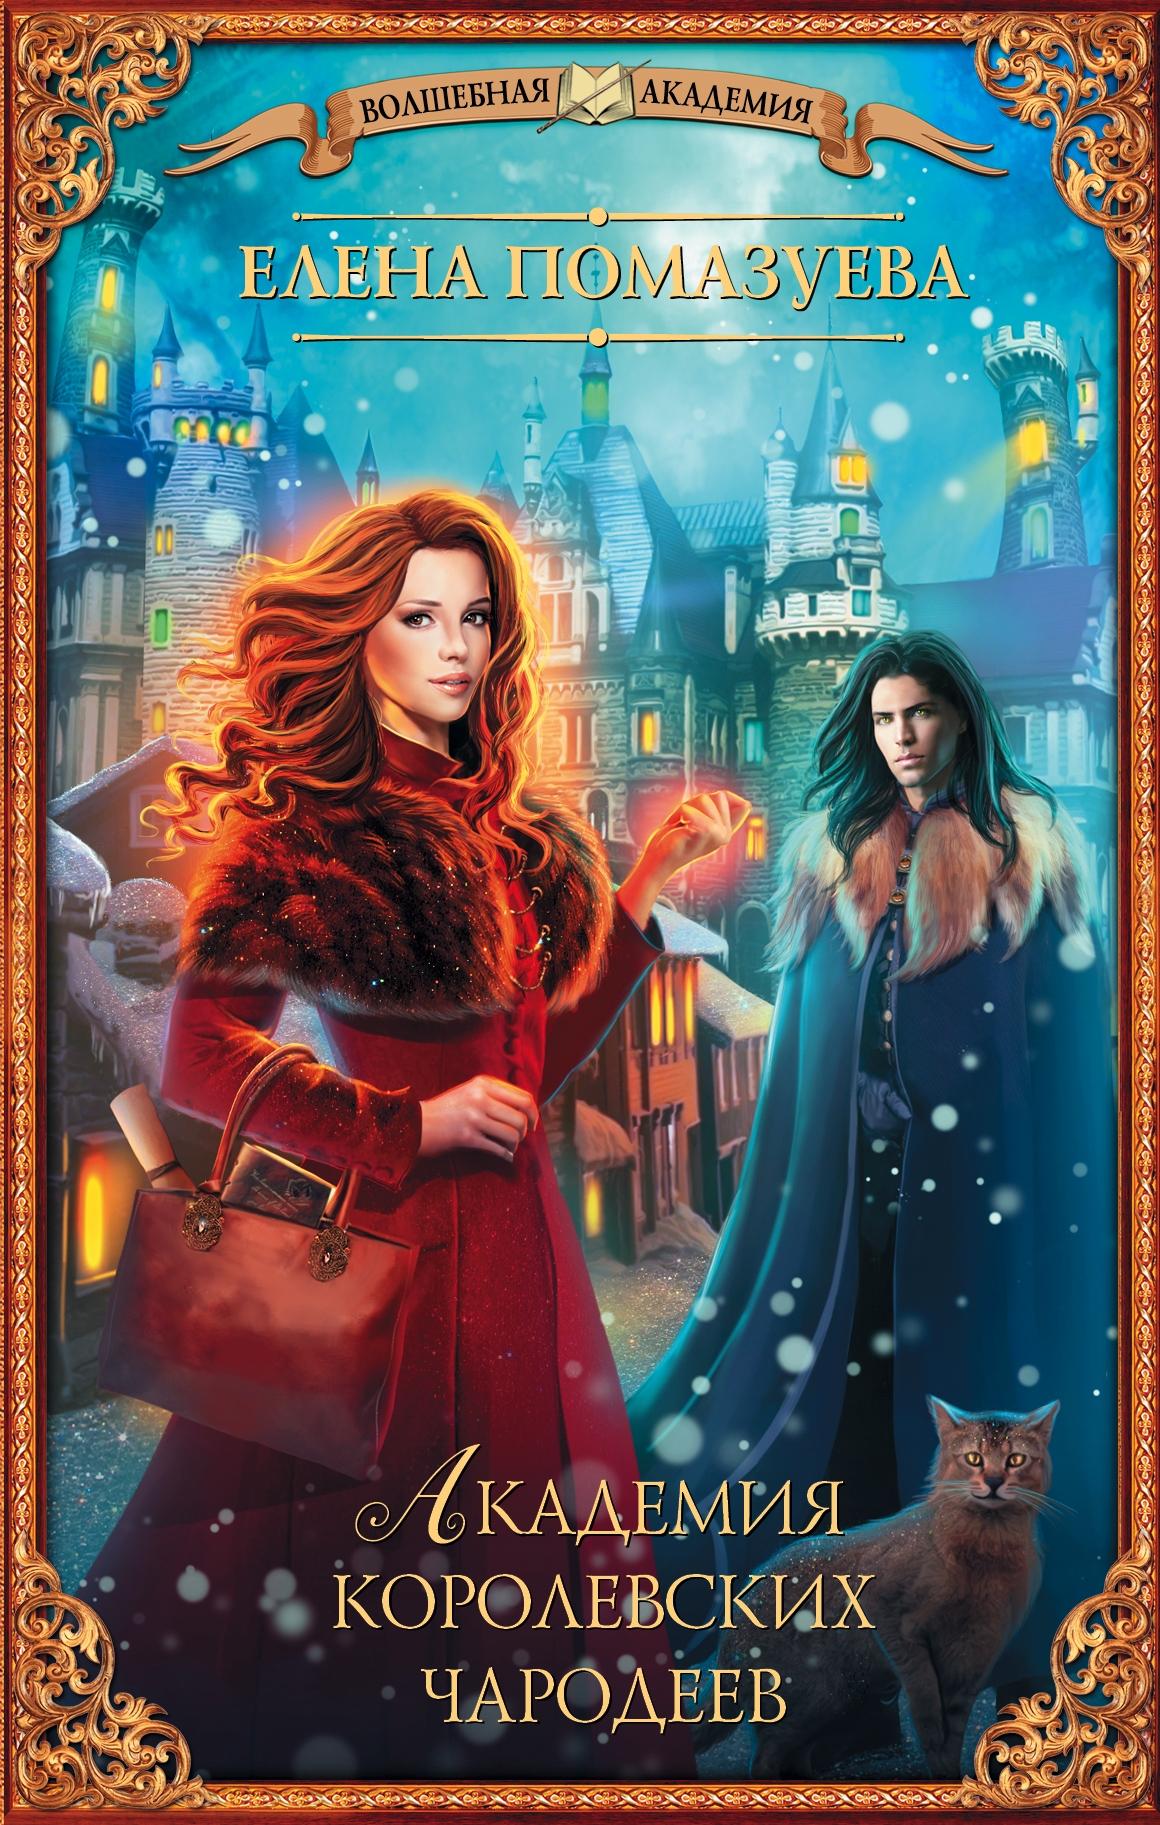 Обложка книги фэнтези про магические академии